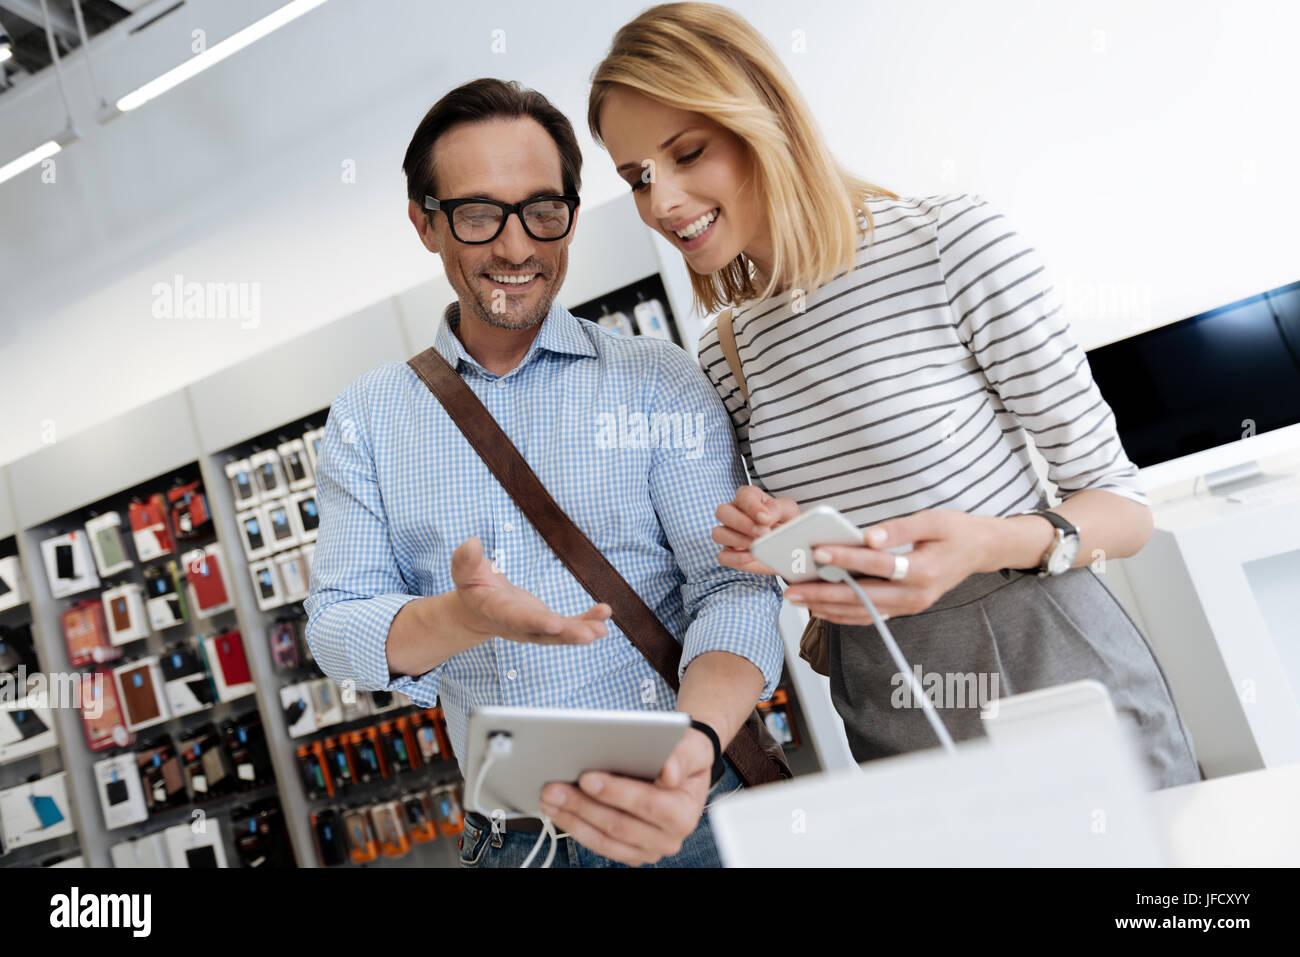 Compruebe esto hacia fuera. Hombre y mujer sonriente vistiendo vestimenta casual en una tienda permanente mostrar Imagen De Stock